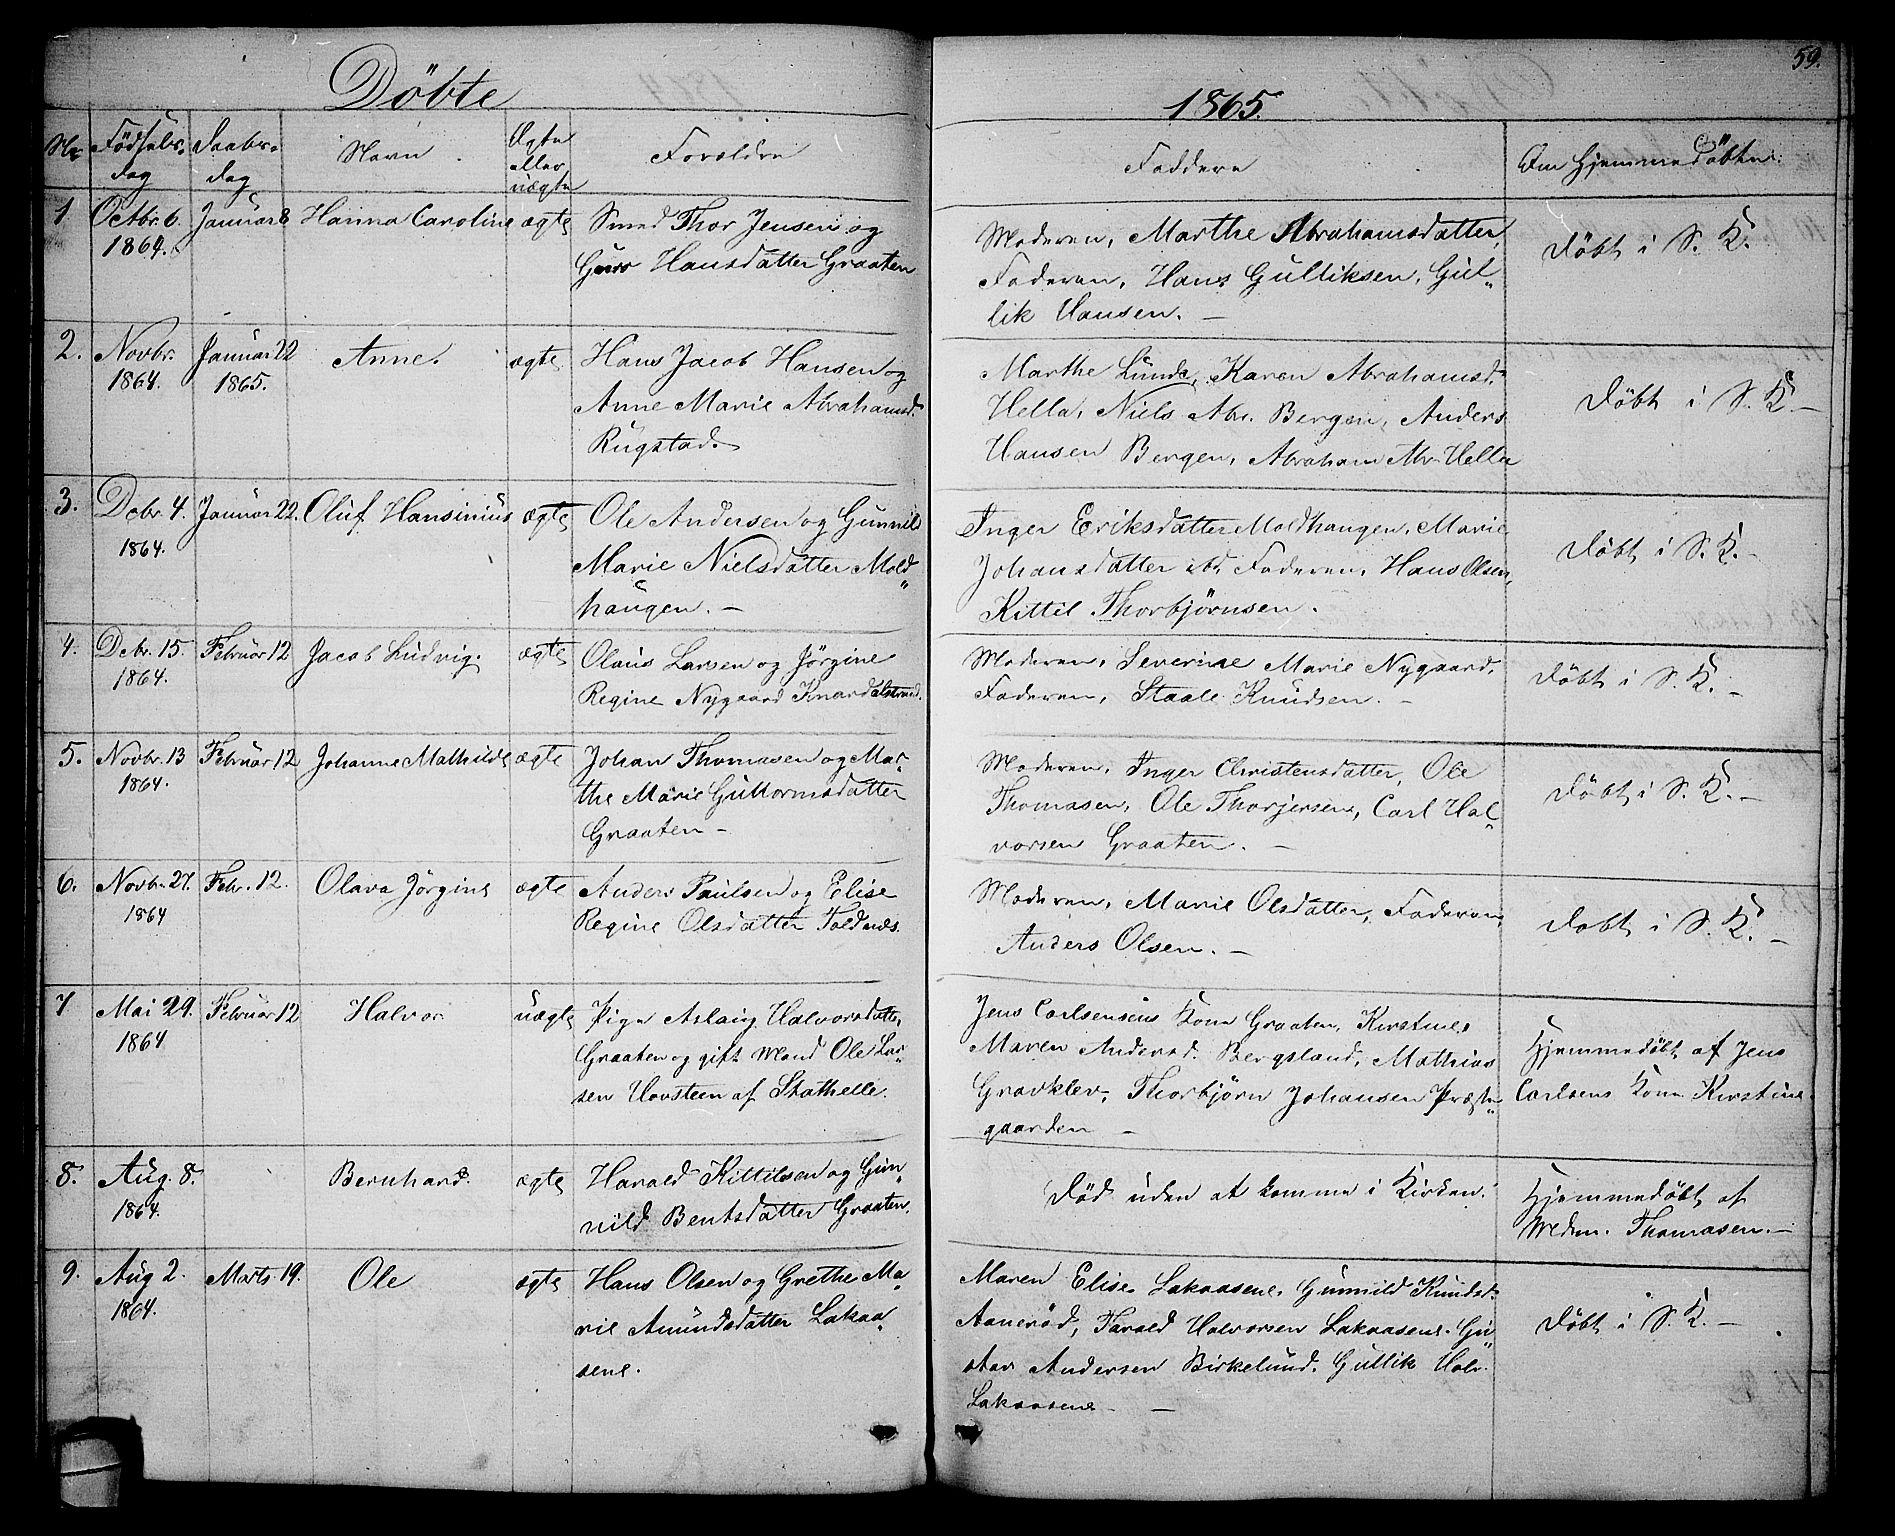 SAKO, Solum kirkebøker, G/Ga/L0004: Klokkerbok nr. I 4, 1859-1876, s. 59